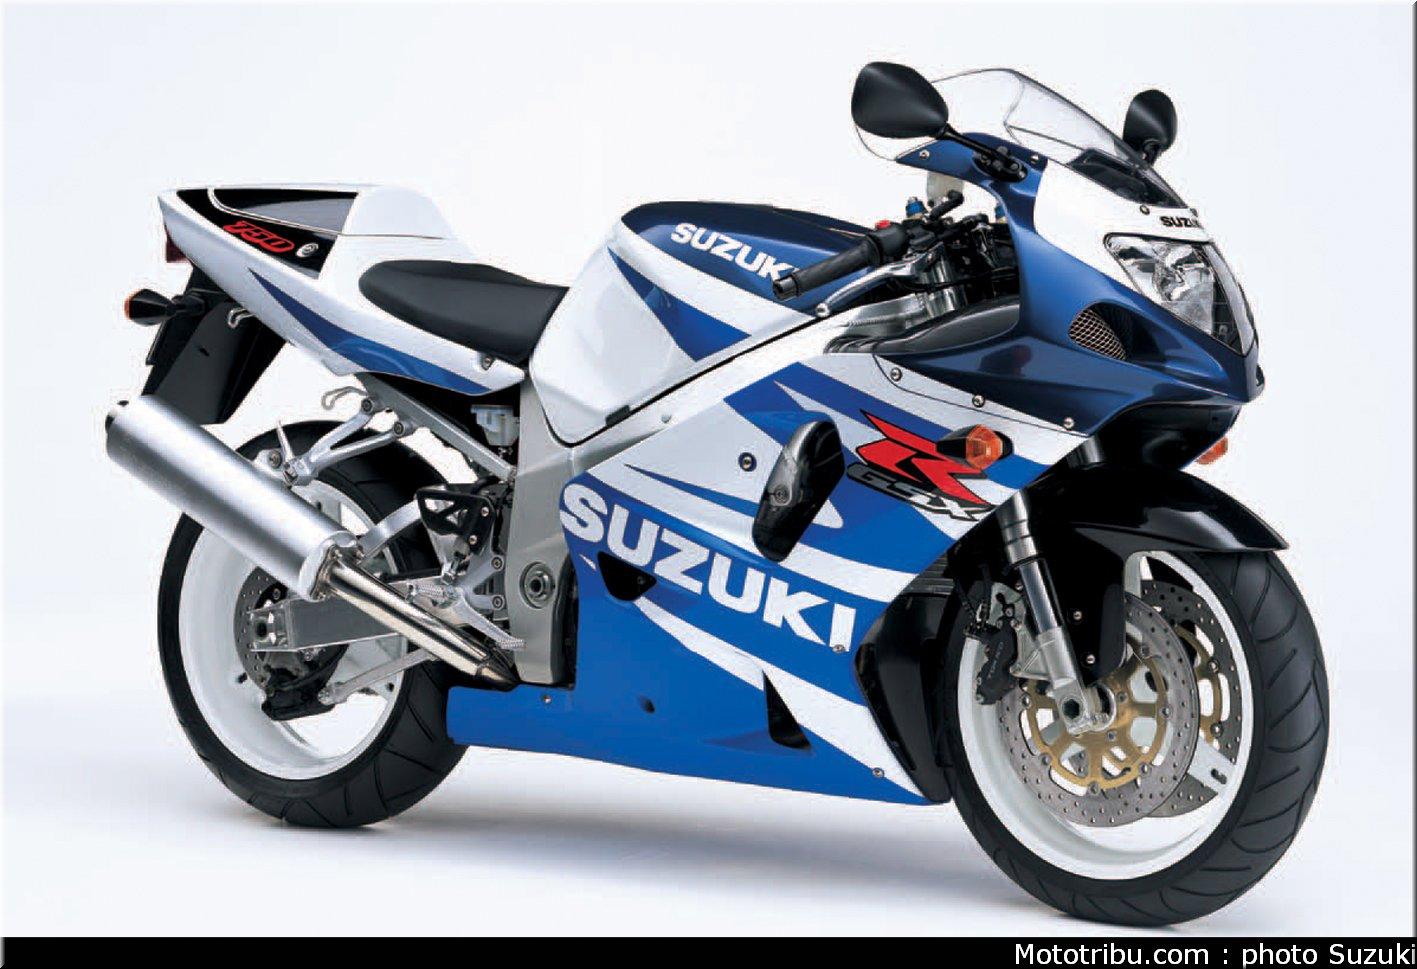 Suzuki hypersport 2010   image HQ cliquer 1417x969